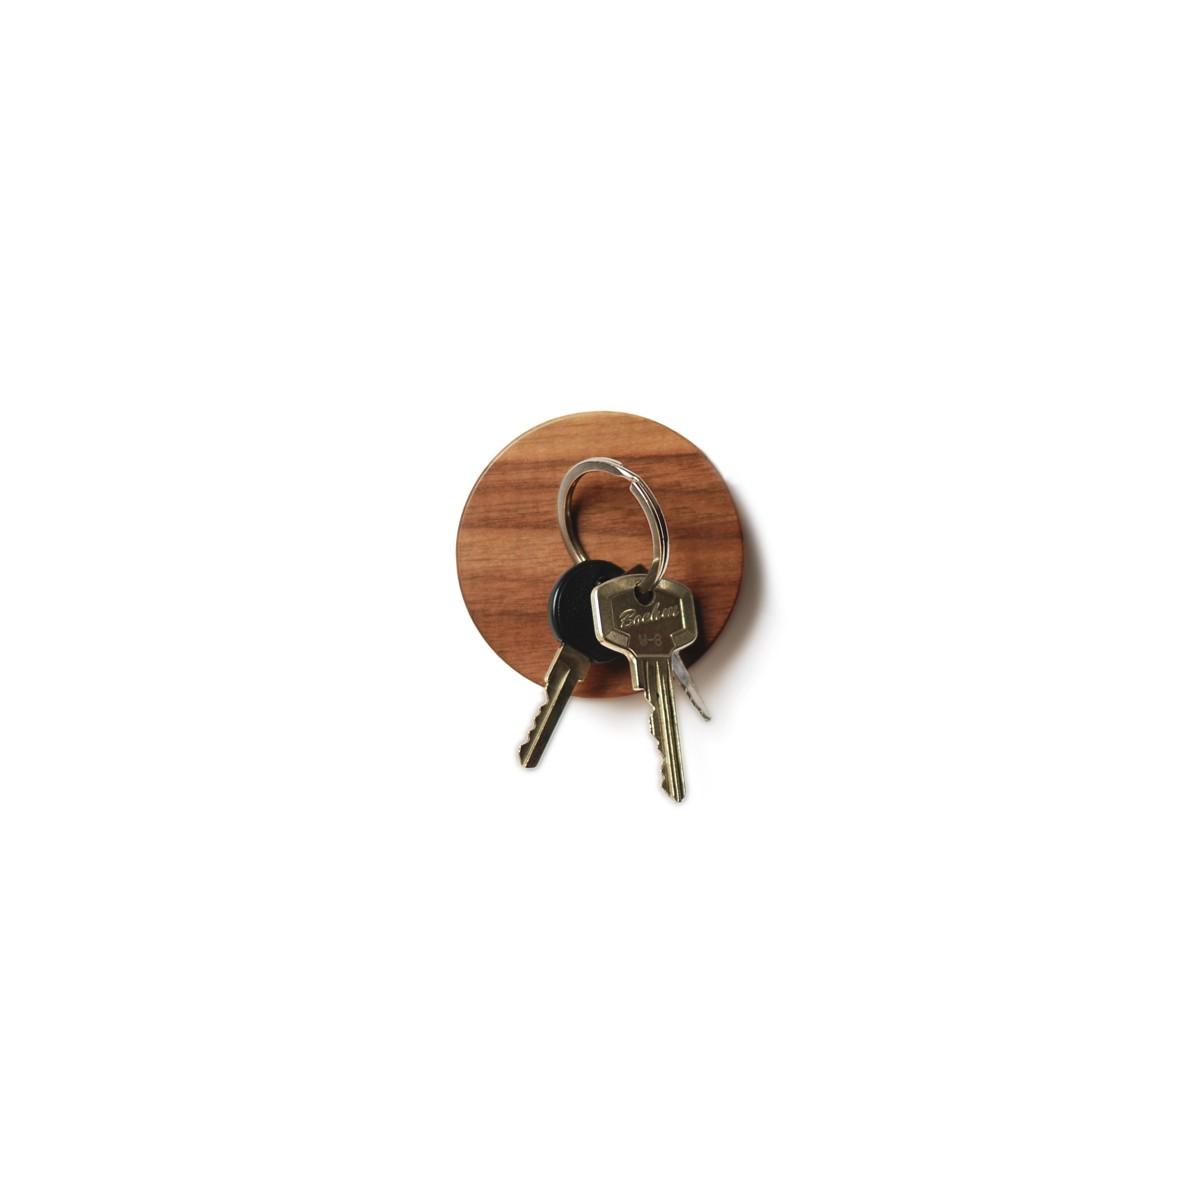 Schlüsselmagnet rund Größe 'L' - extrastark - von LUMENQI